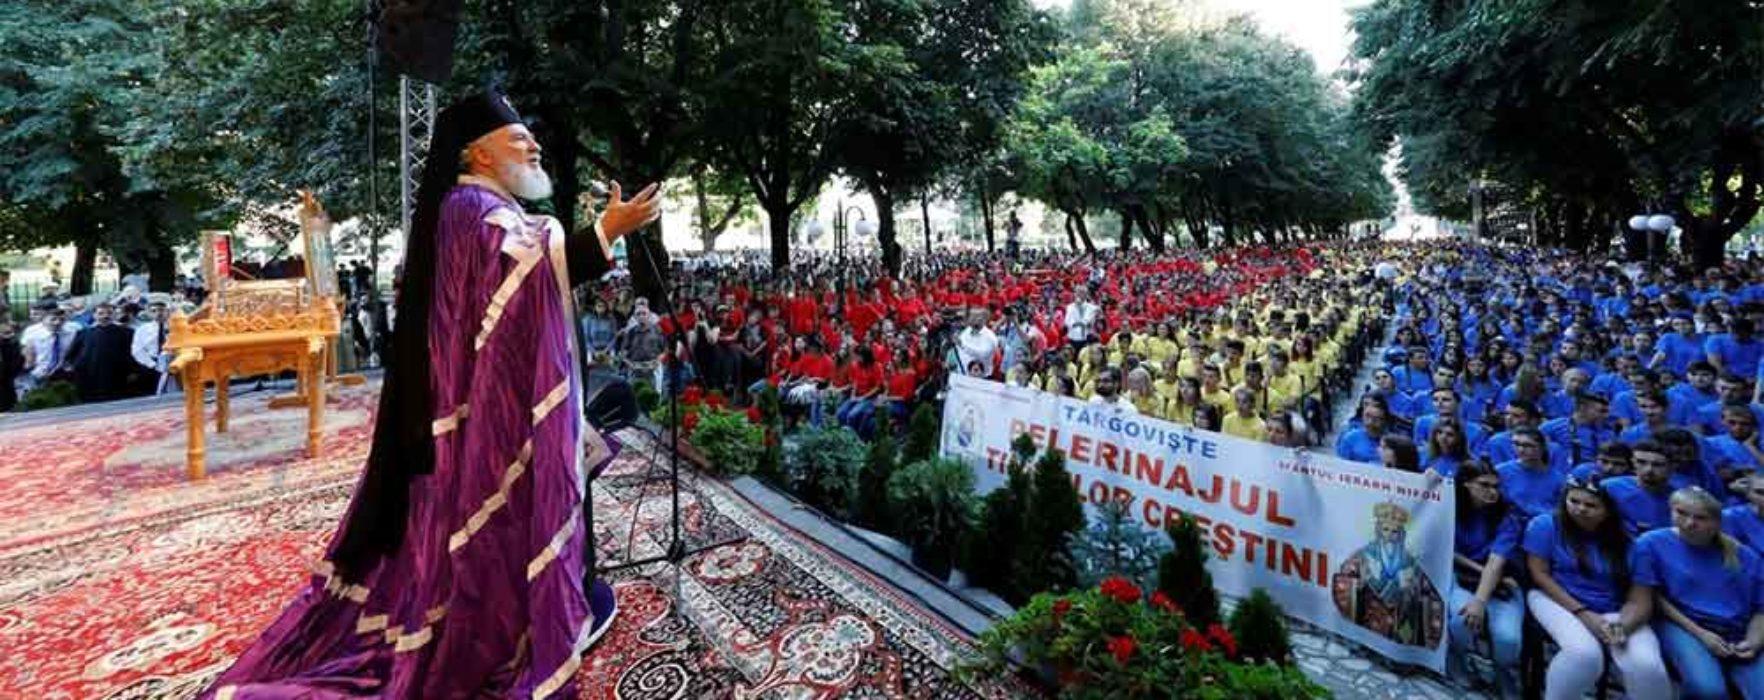 Manifestări Sf. Nifon – pelerinajul tinerilor din Arhiepiscopia Târgoviştei (video)